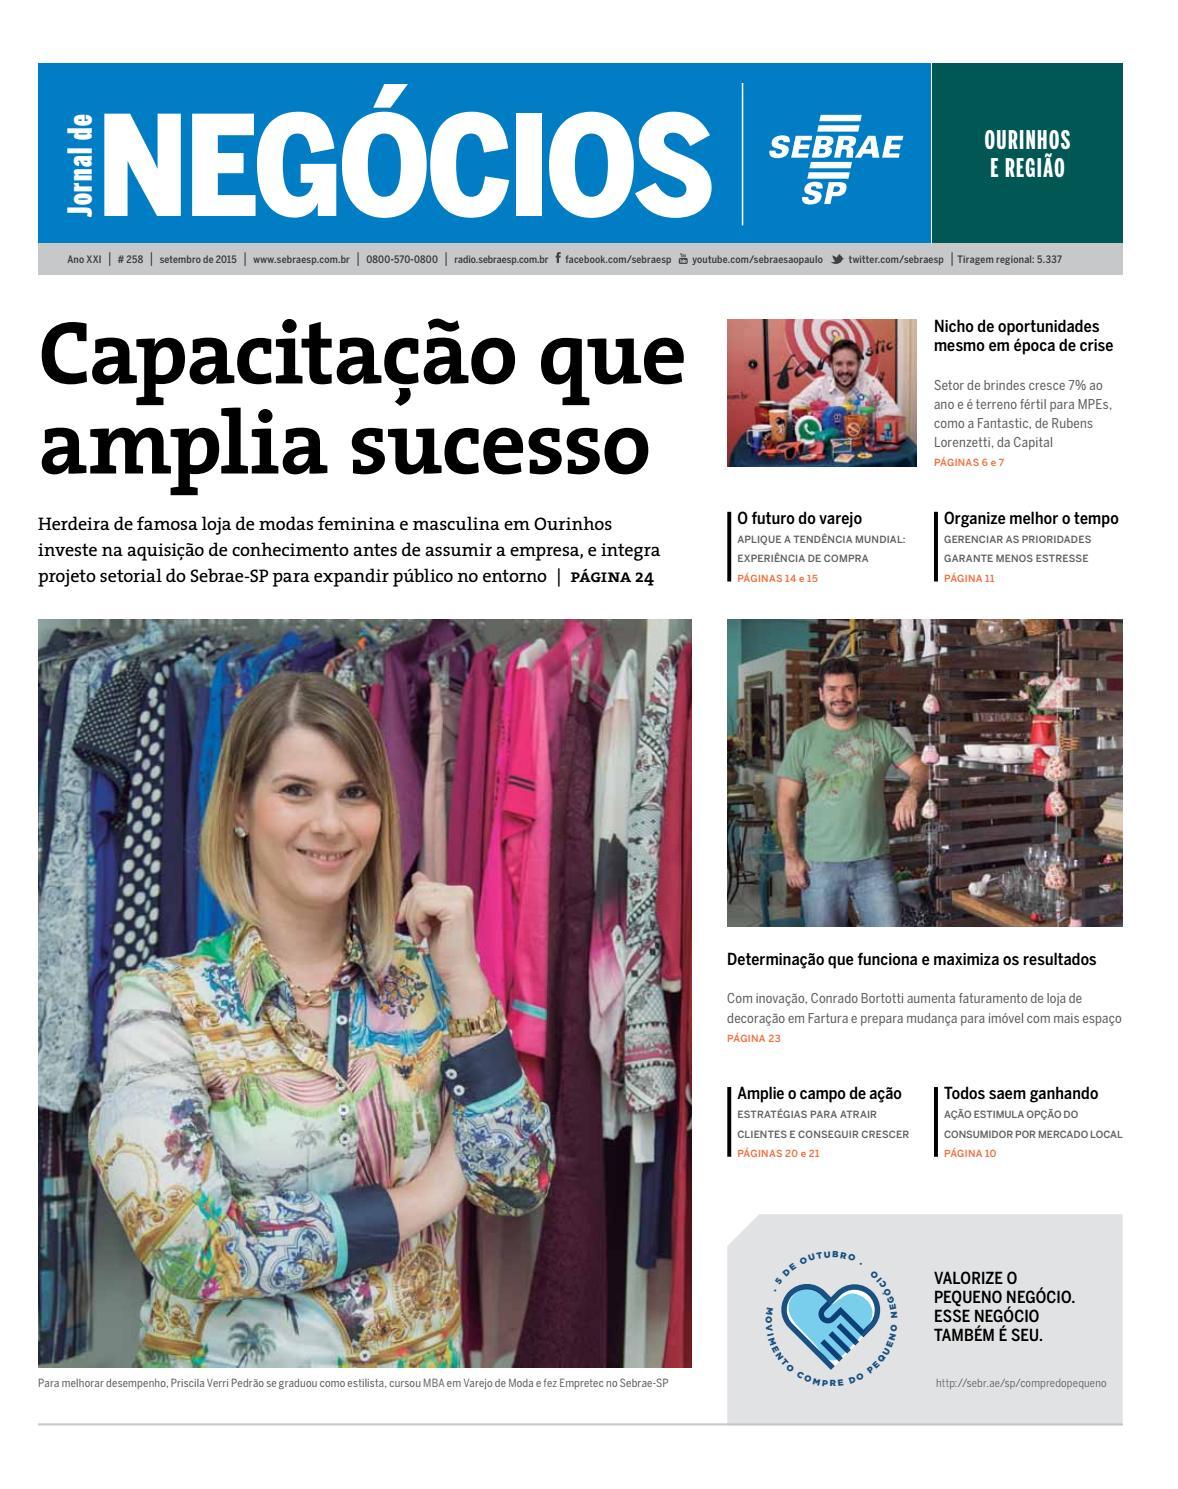 ec3e4964bb9 Jornal de Negócios Sebrae-SP - 01 de setembro de 2015 - Ourinhos e Região  by Sebrae-SP - issuu